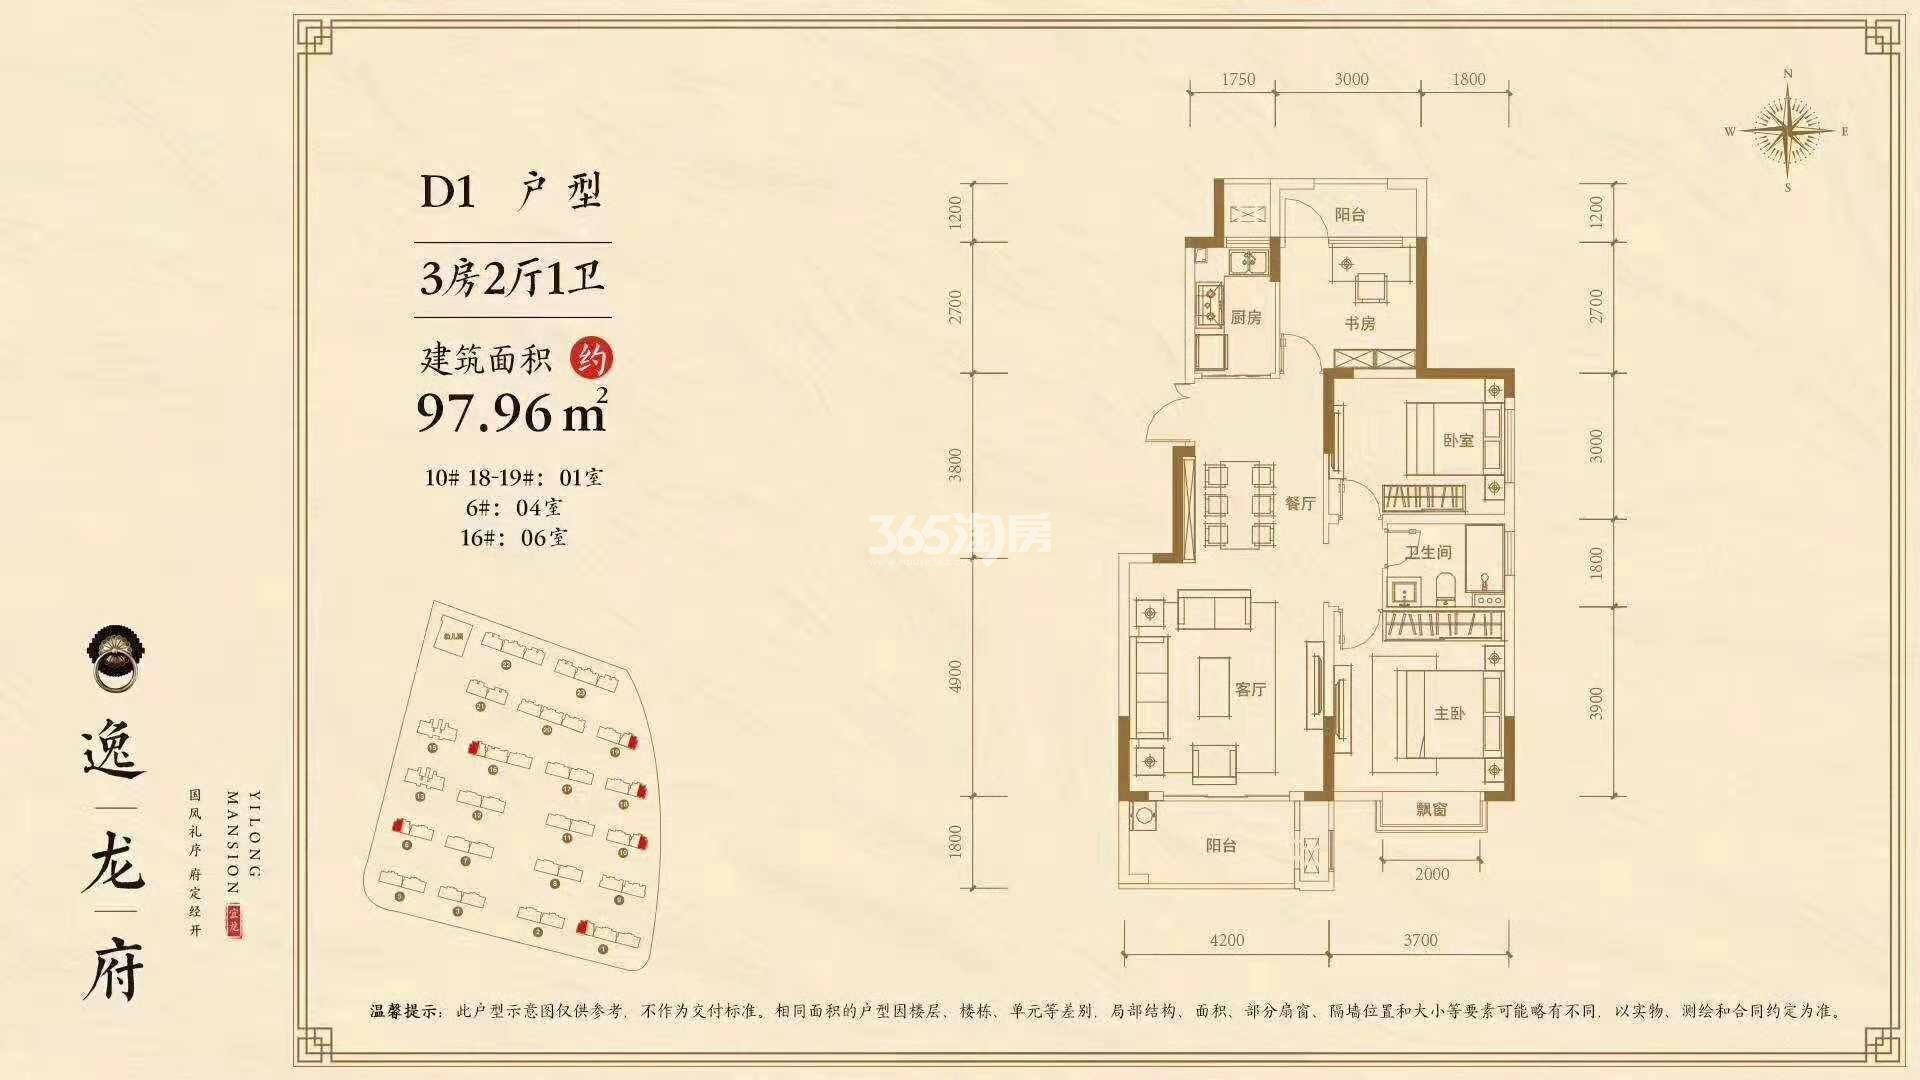 D1户型3室2厅1卫 97.96㎡